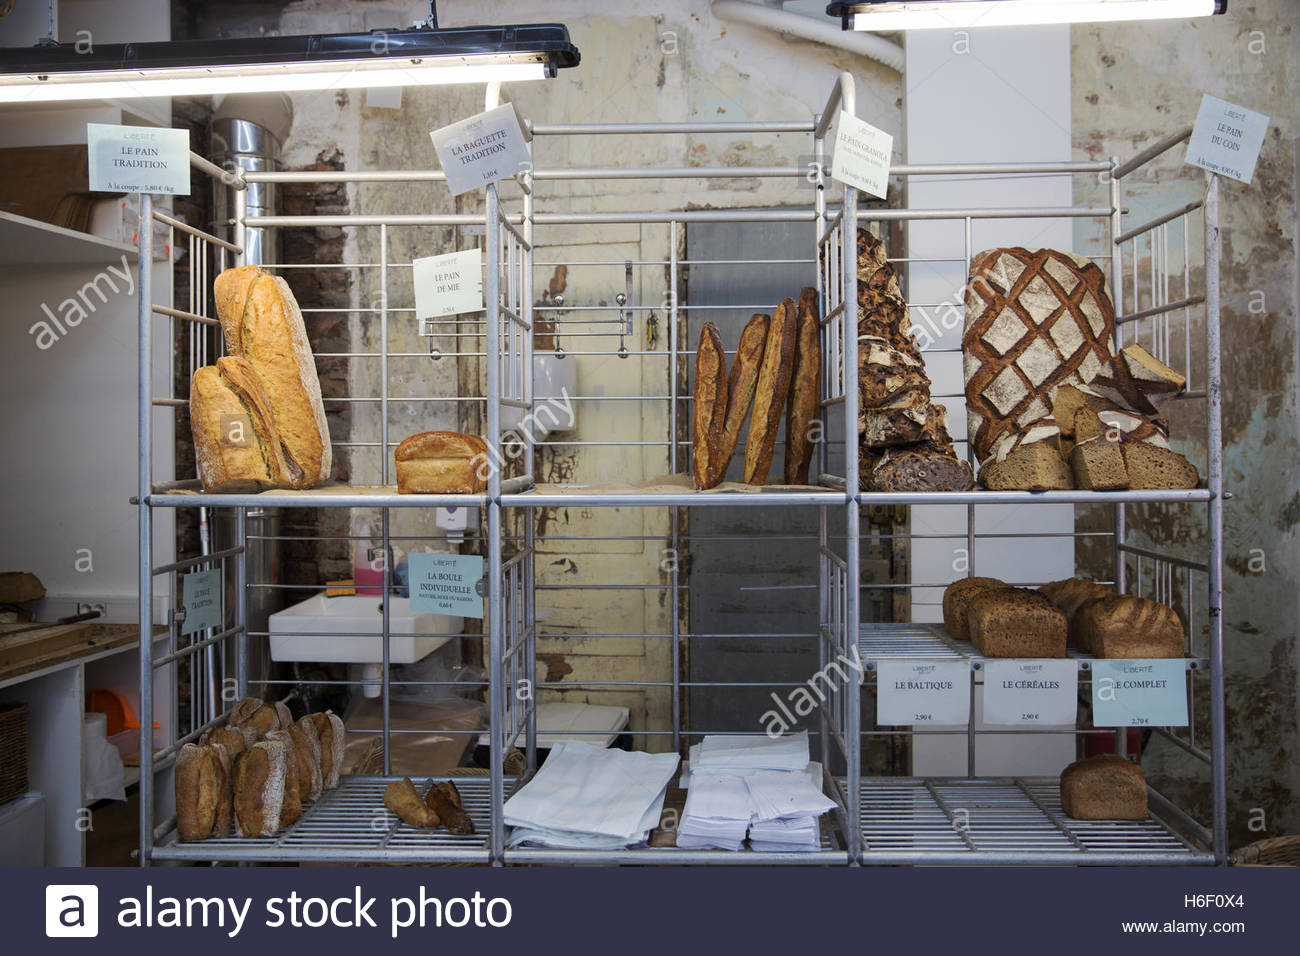 Liberté boulangerie et patisserie, Paris - Stock Image